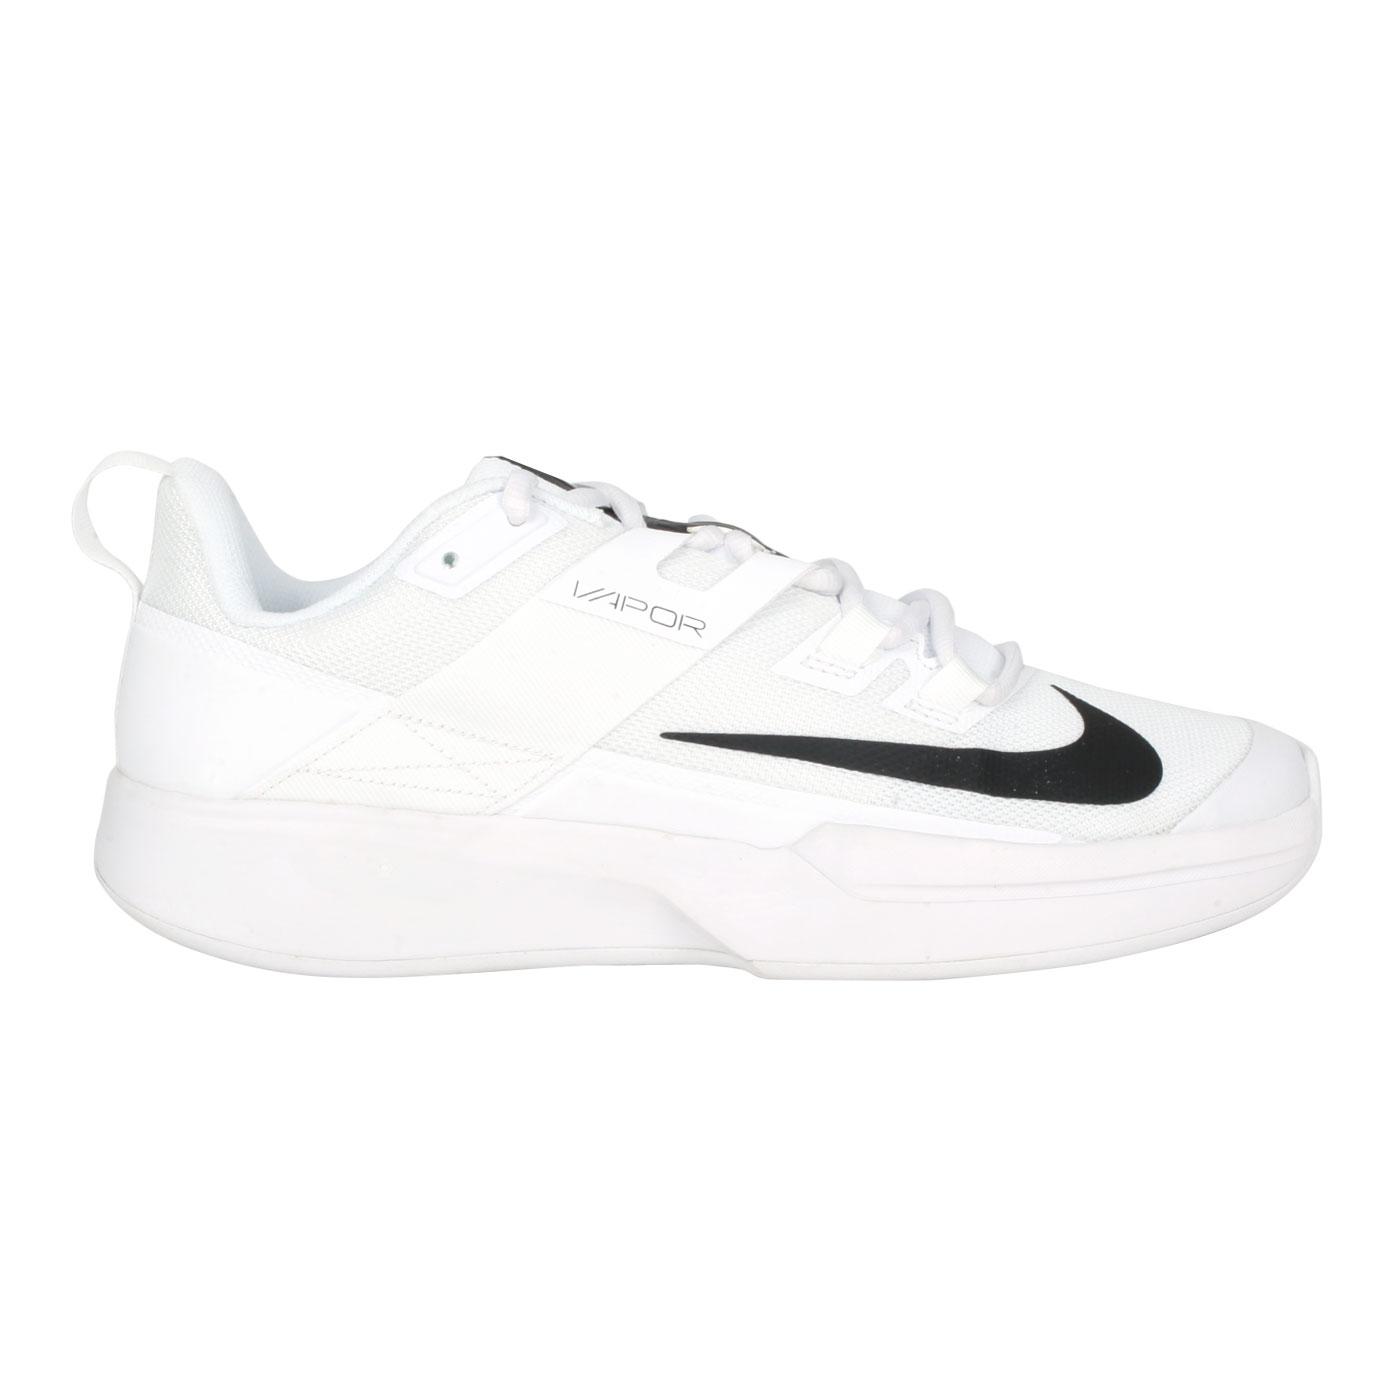 NIKE 男款網球鞋  @M VAPOR LITE HC@DC3432-125 - 白黑